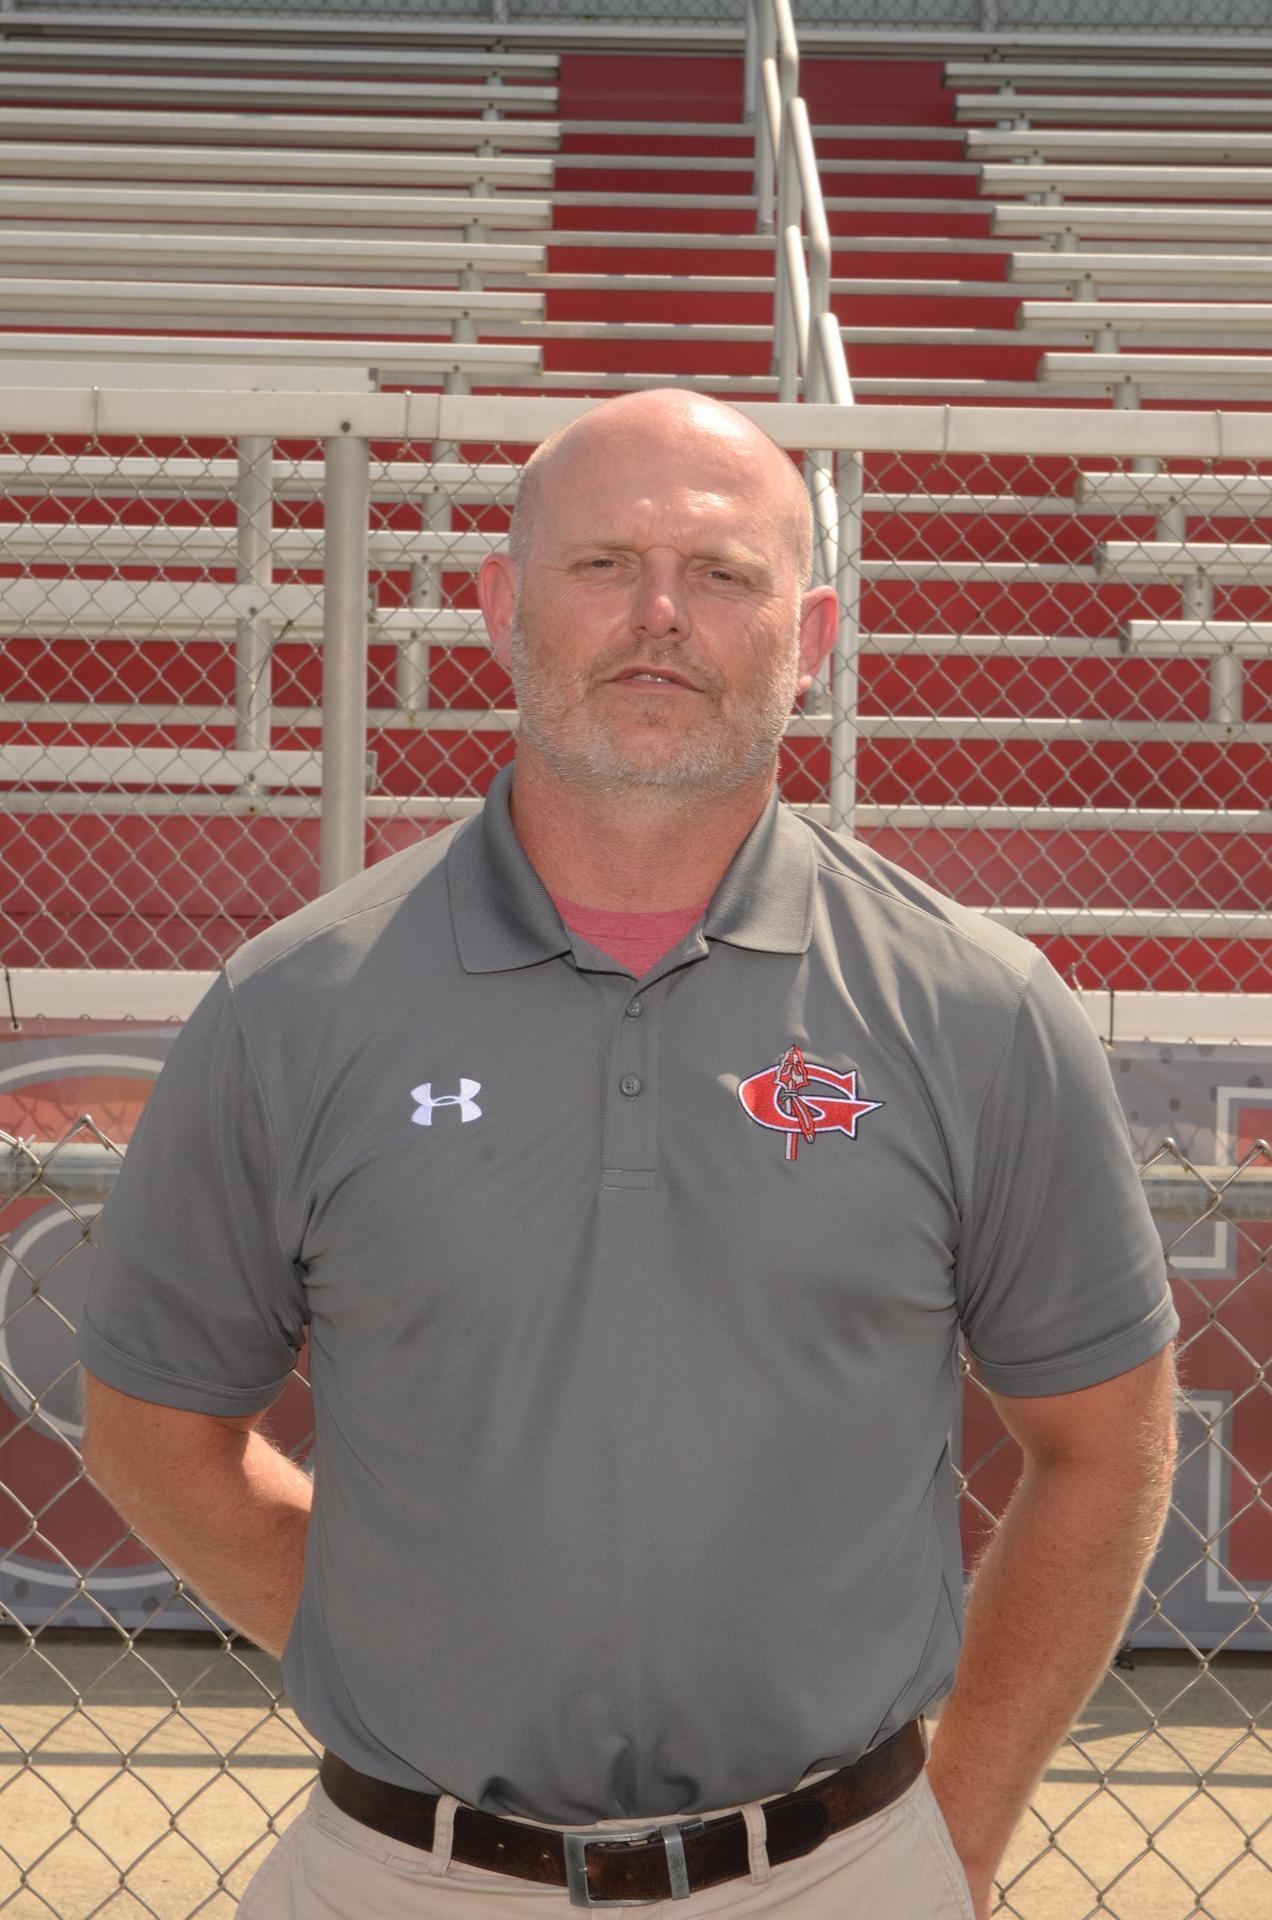 Coach Elkin